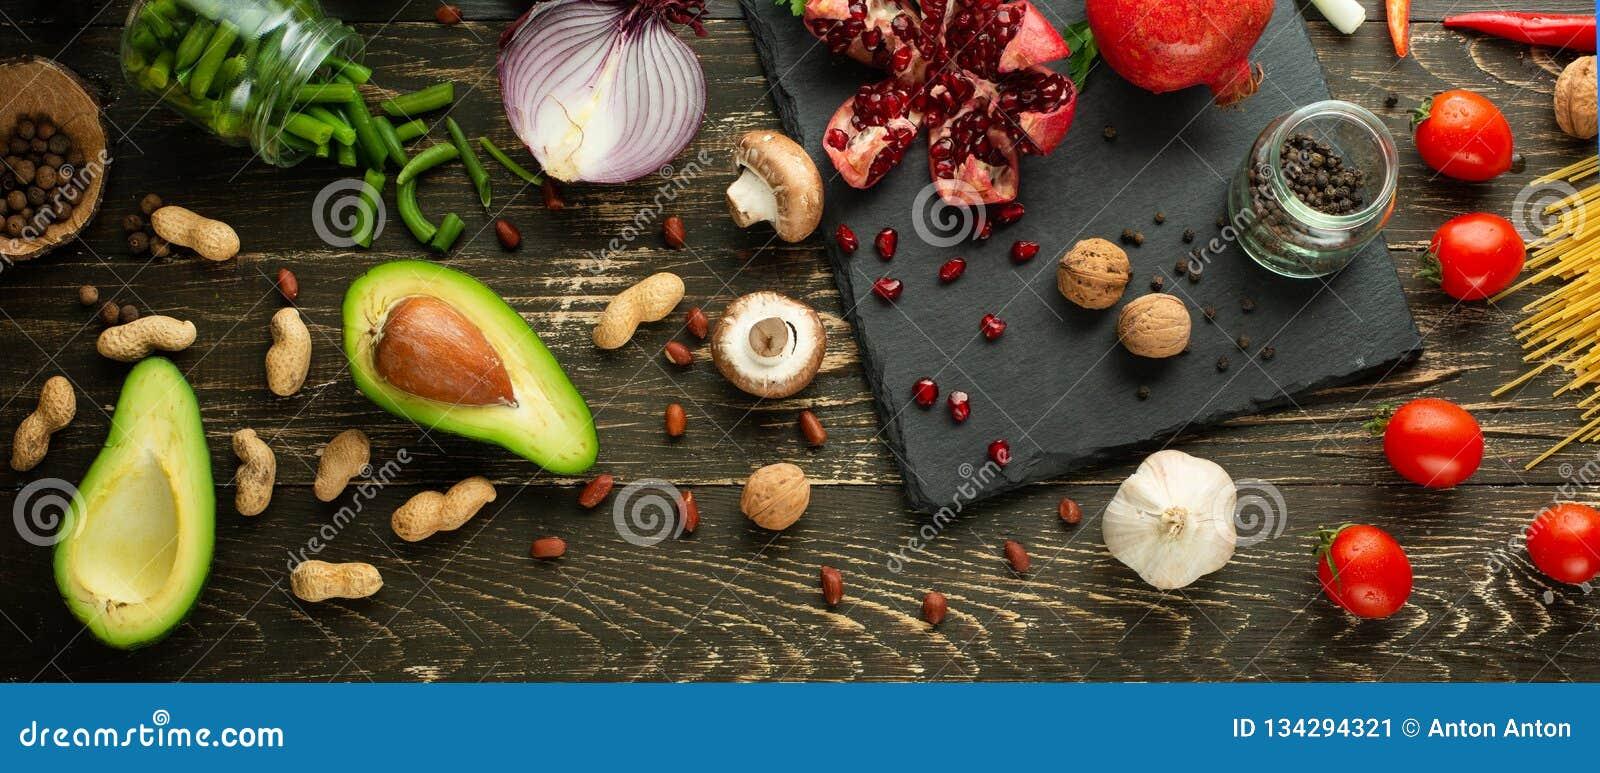 Sund strikt vegetarianmat som lagar mat ingredienser Lägenheten lägger grönsaker, frukter, avokadon, muttrar, champinjoner, lökar